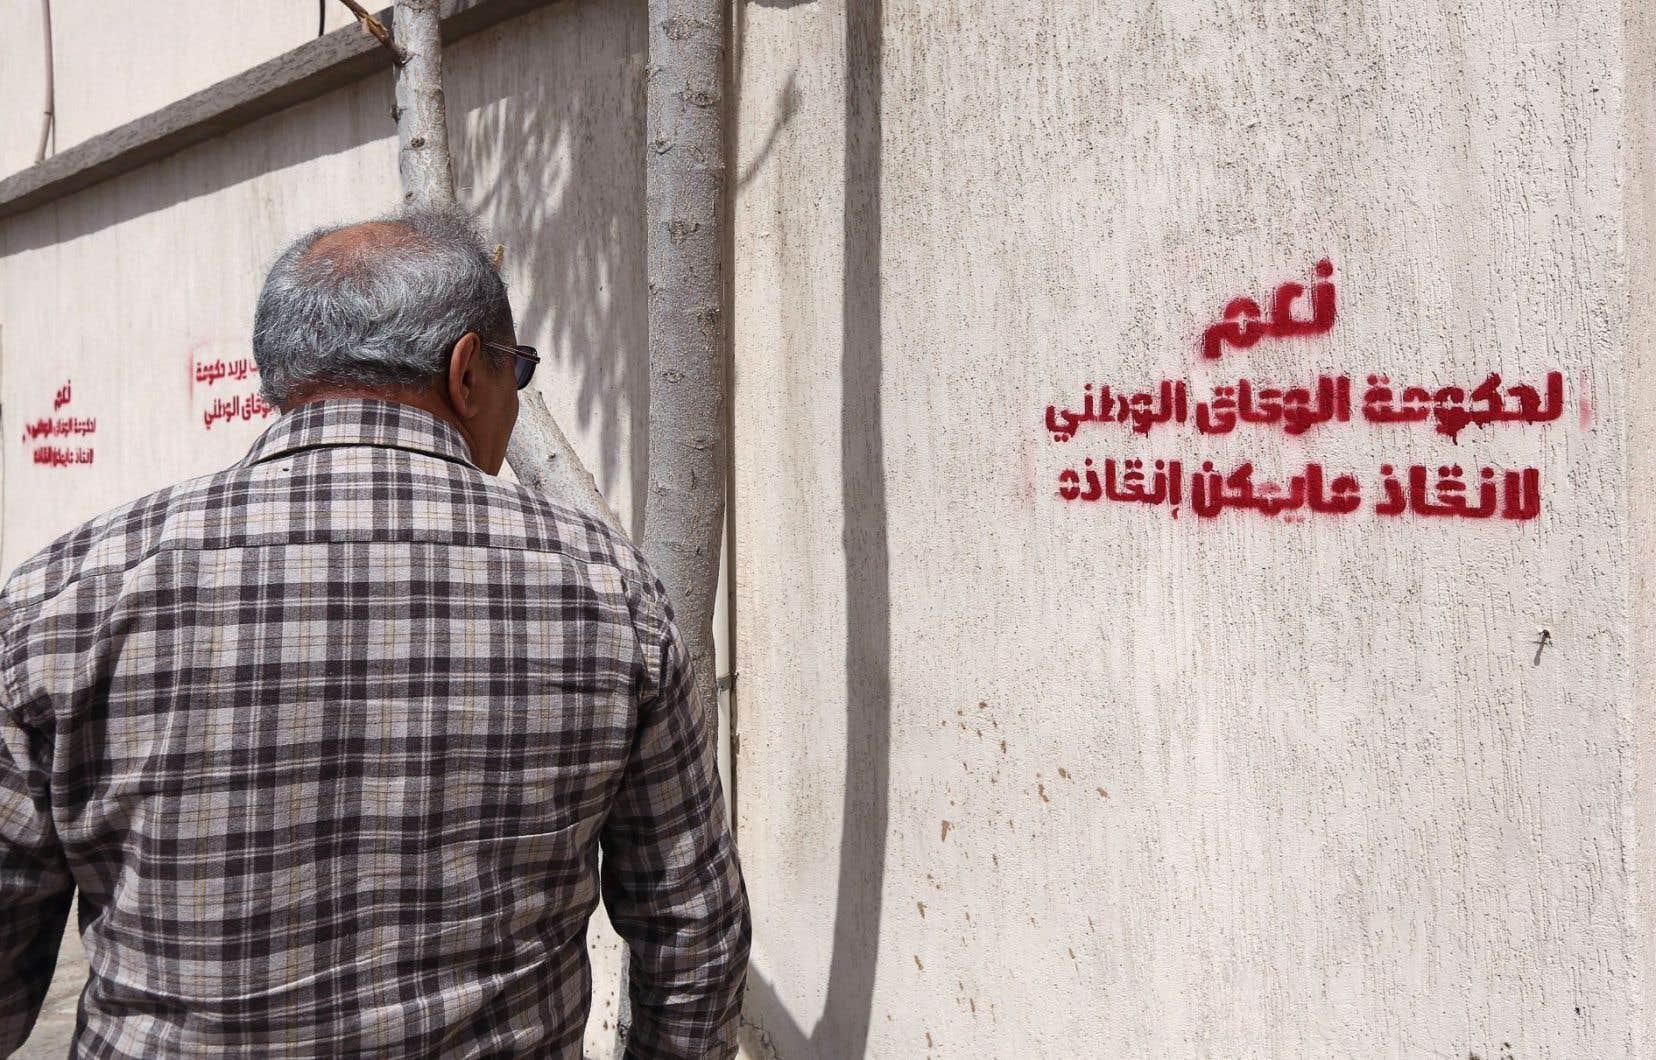 Un homme passe devant un graffiti écrit en arabe: «Oui au gouvernement d'union nationale pour sauver ce qui peut encore l'être.»